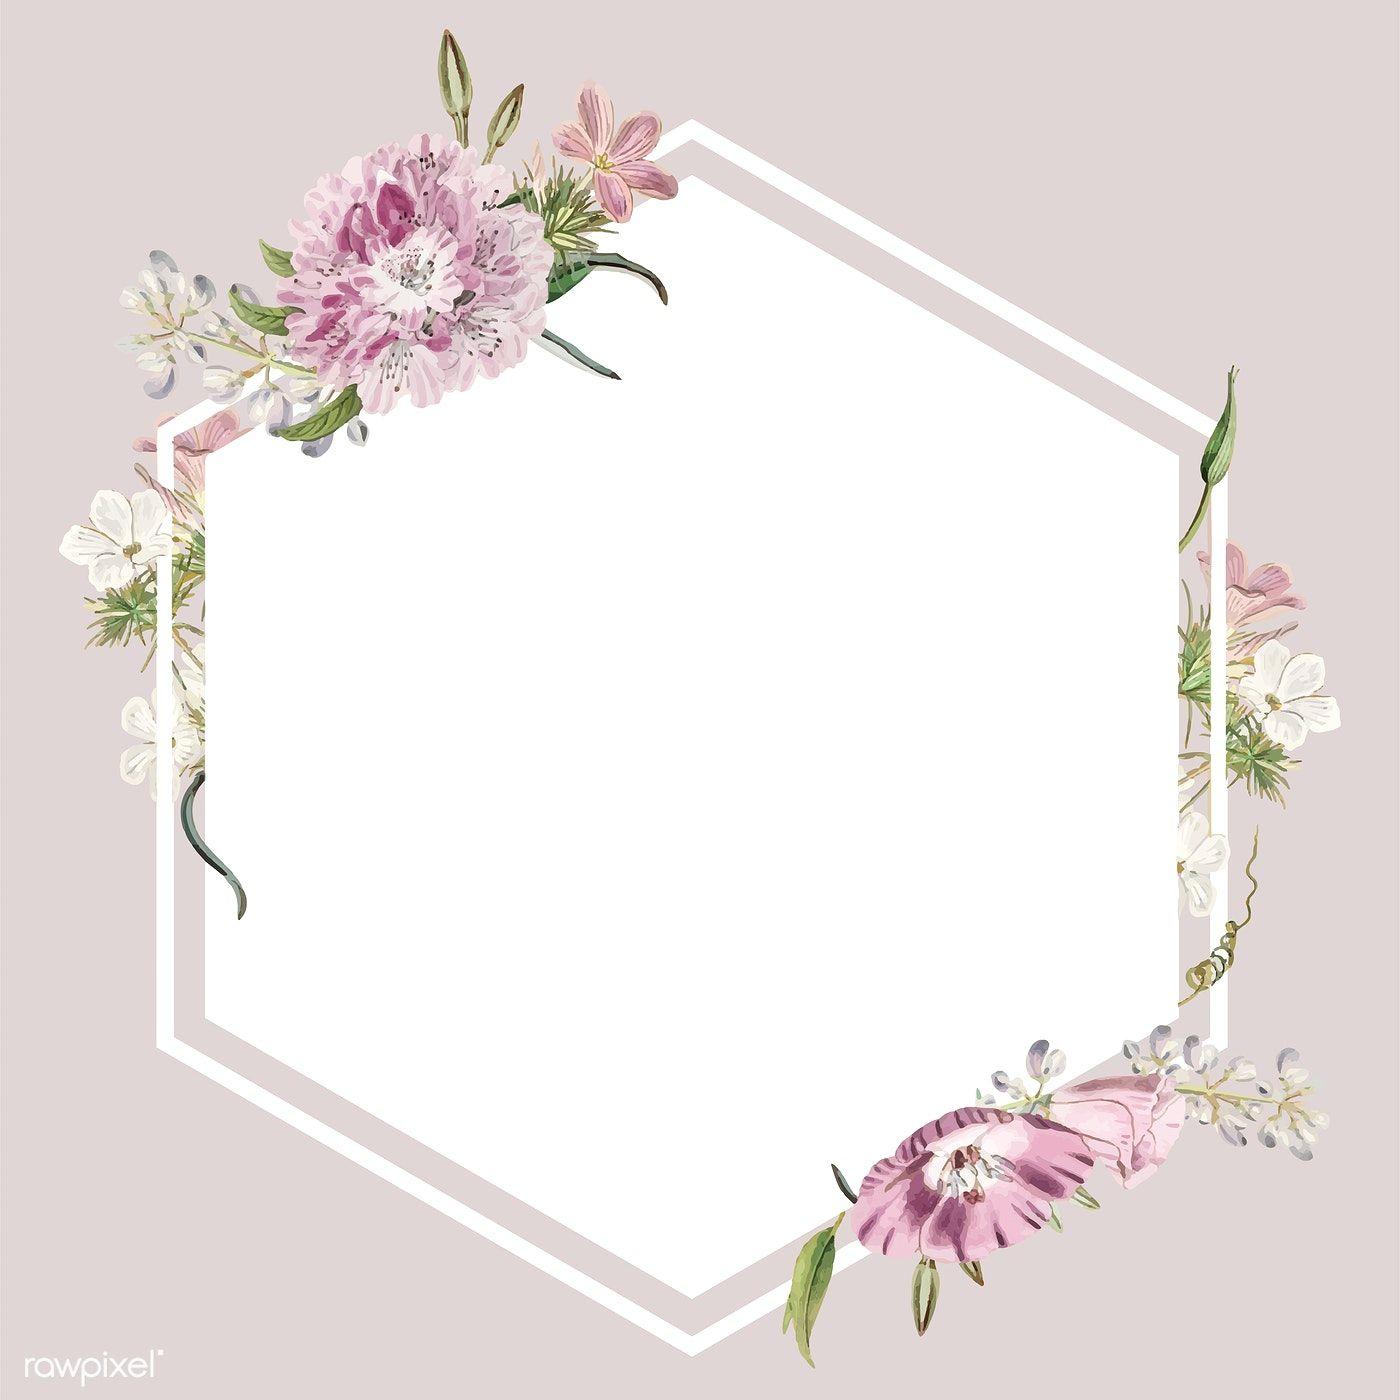 Colorful vintage floral design frame free image by